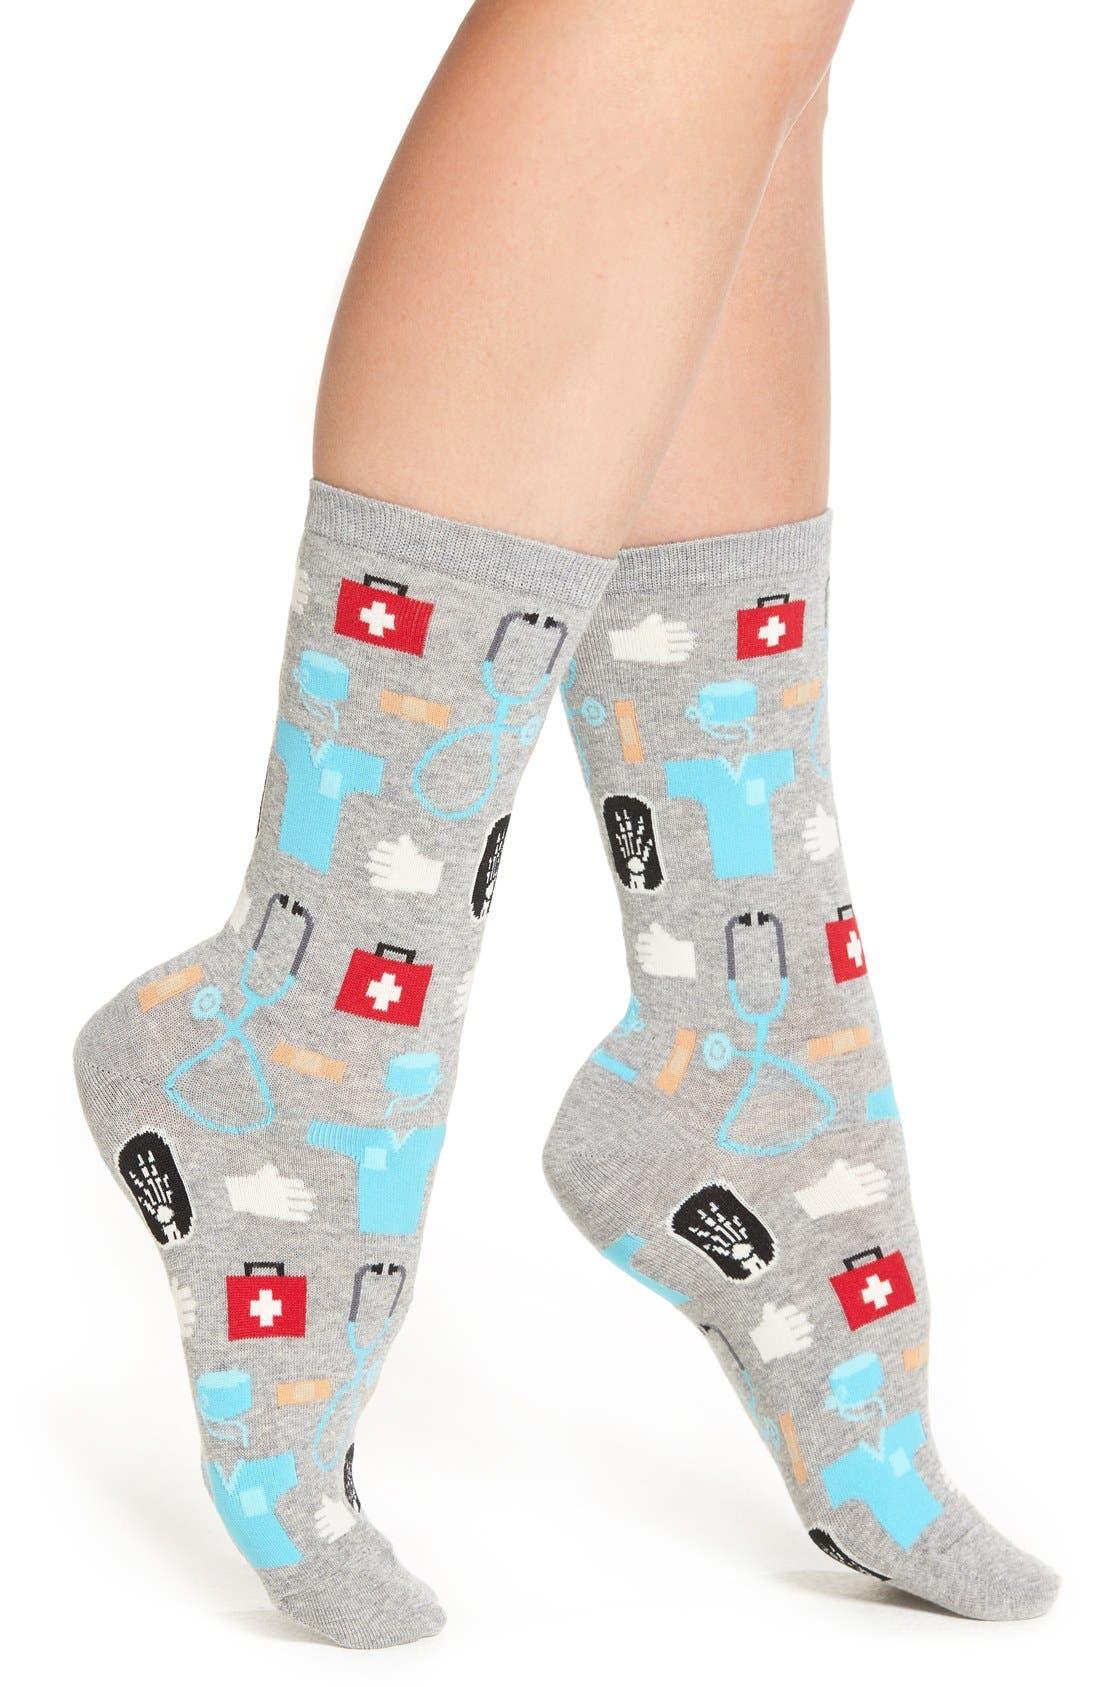 Hot Sox 'Medical' Crew Socks